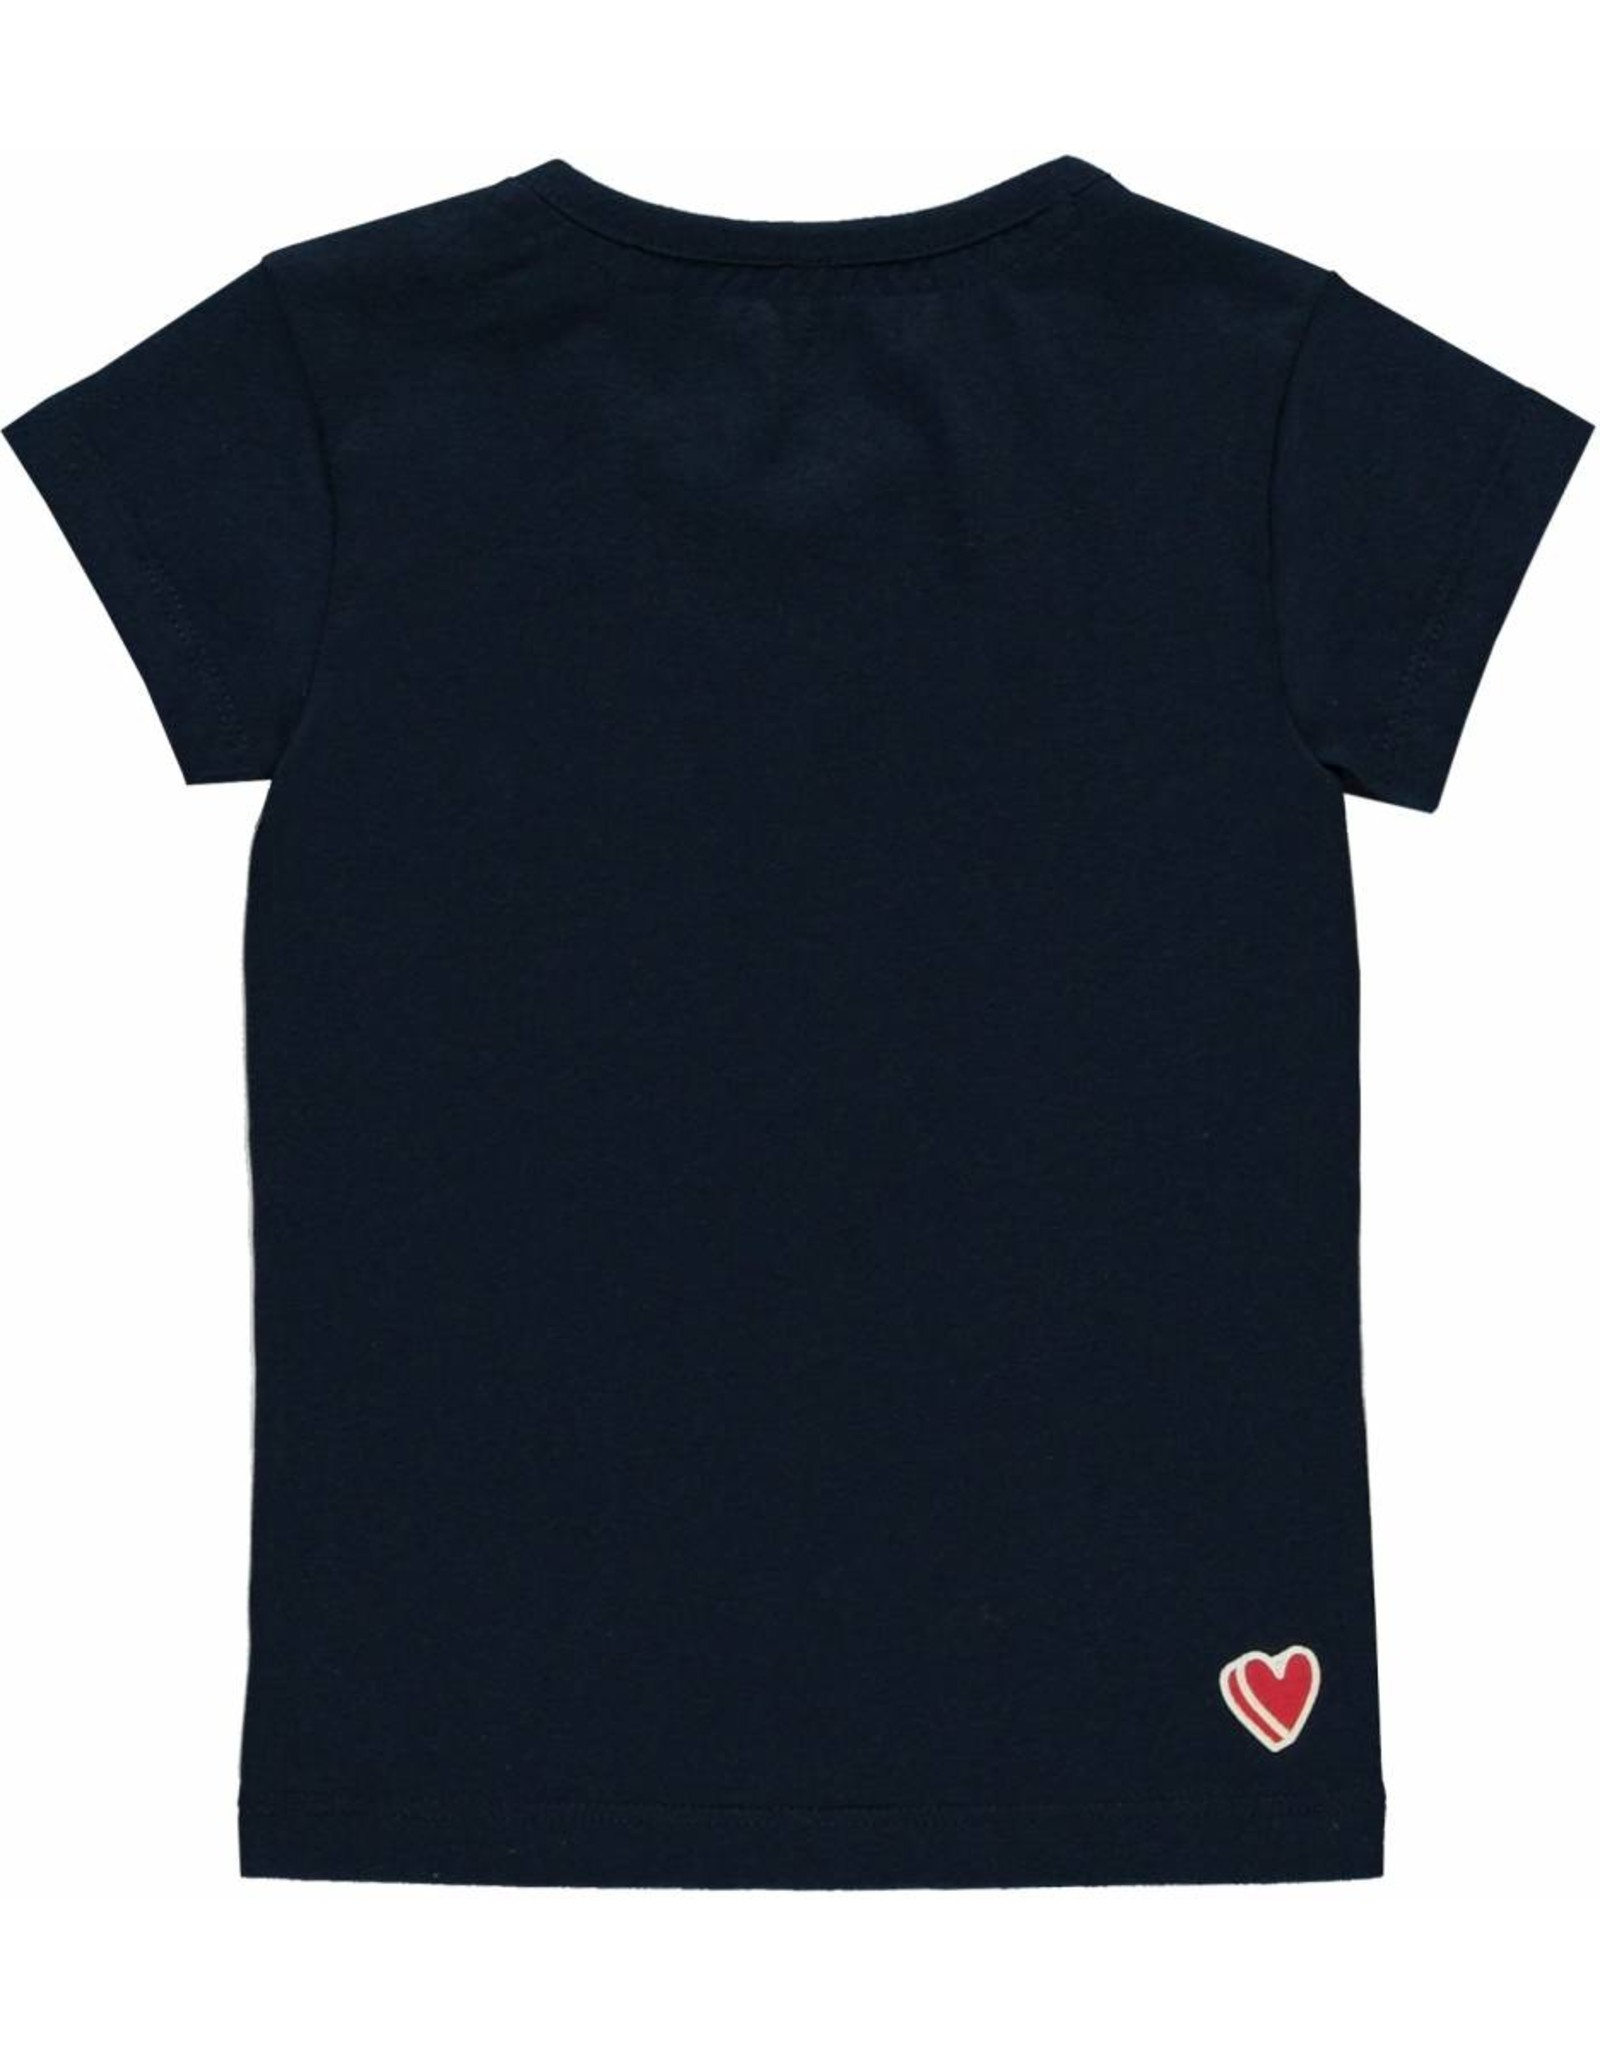 Quapi Quapi baby meisjes t-shirt Roma Hi